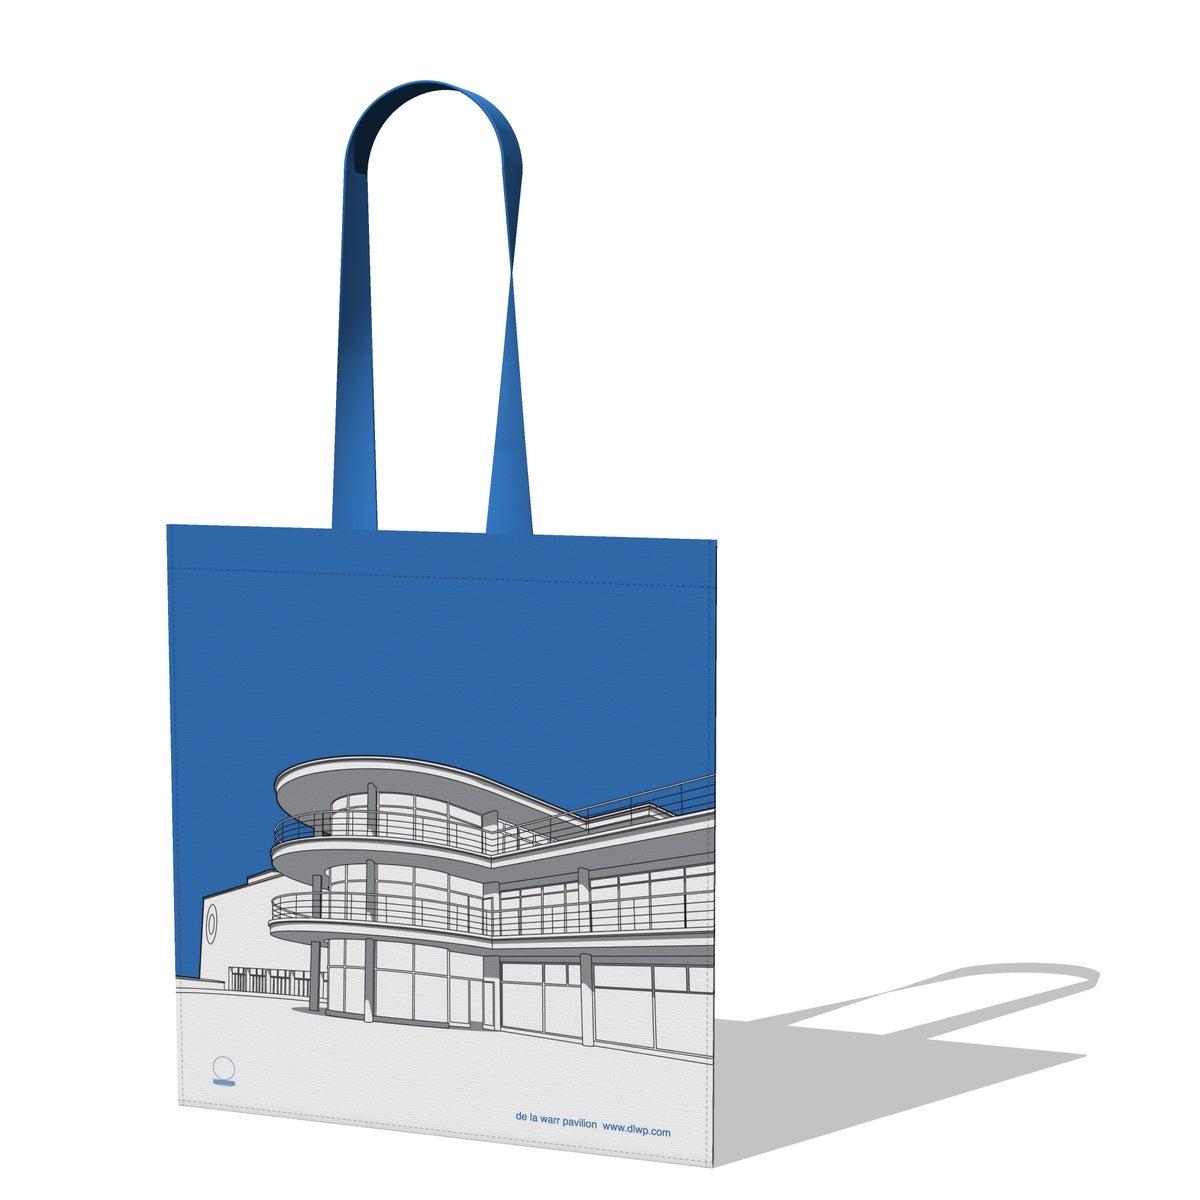 Image of De La Warr Pavilion Canvas Bag